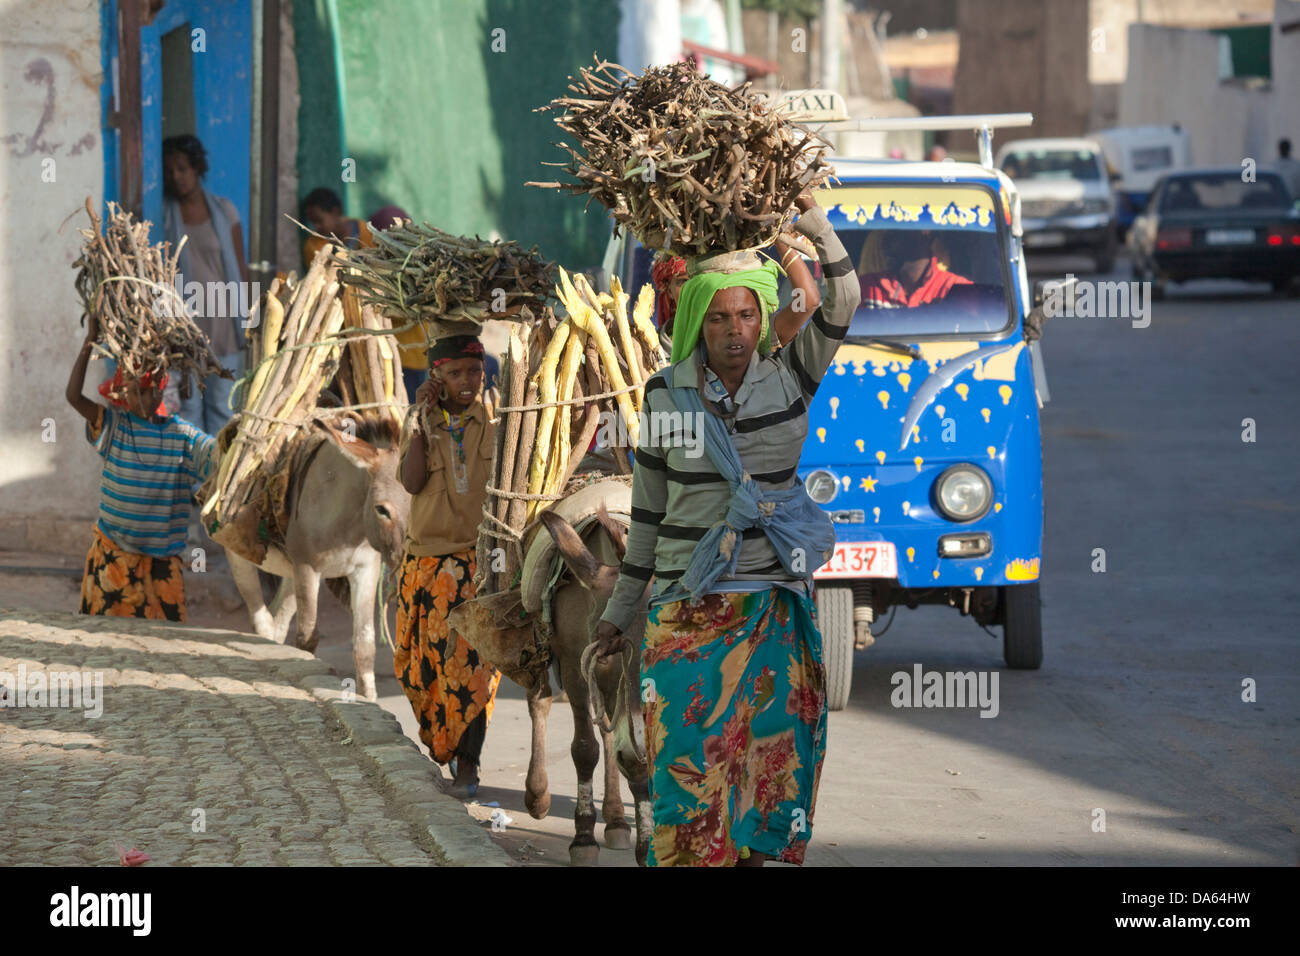 Madera, transporte, Harar, Etiopía, la UNESCO, patrimonio cultural de la humanidad, África, pueblo, ciudad, burros Foto de stock